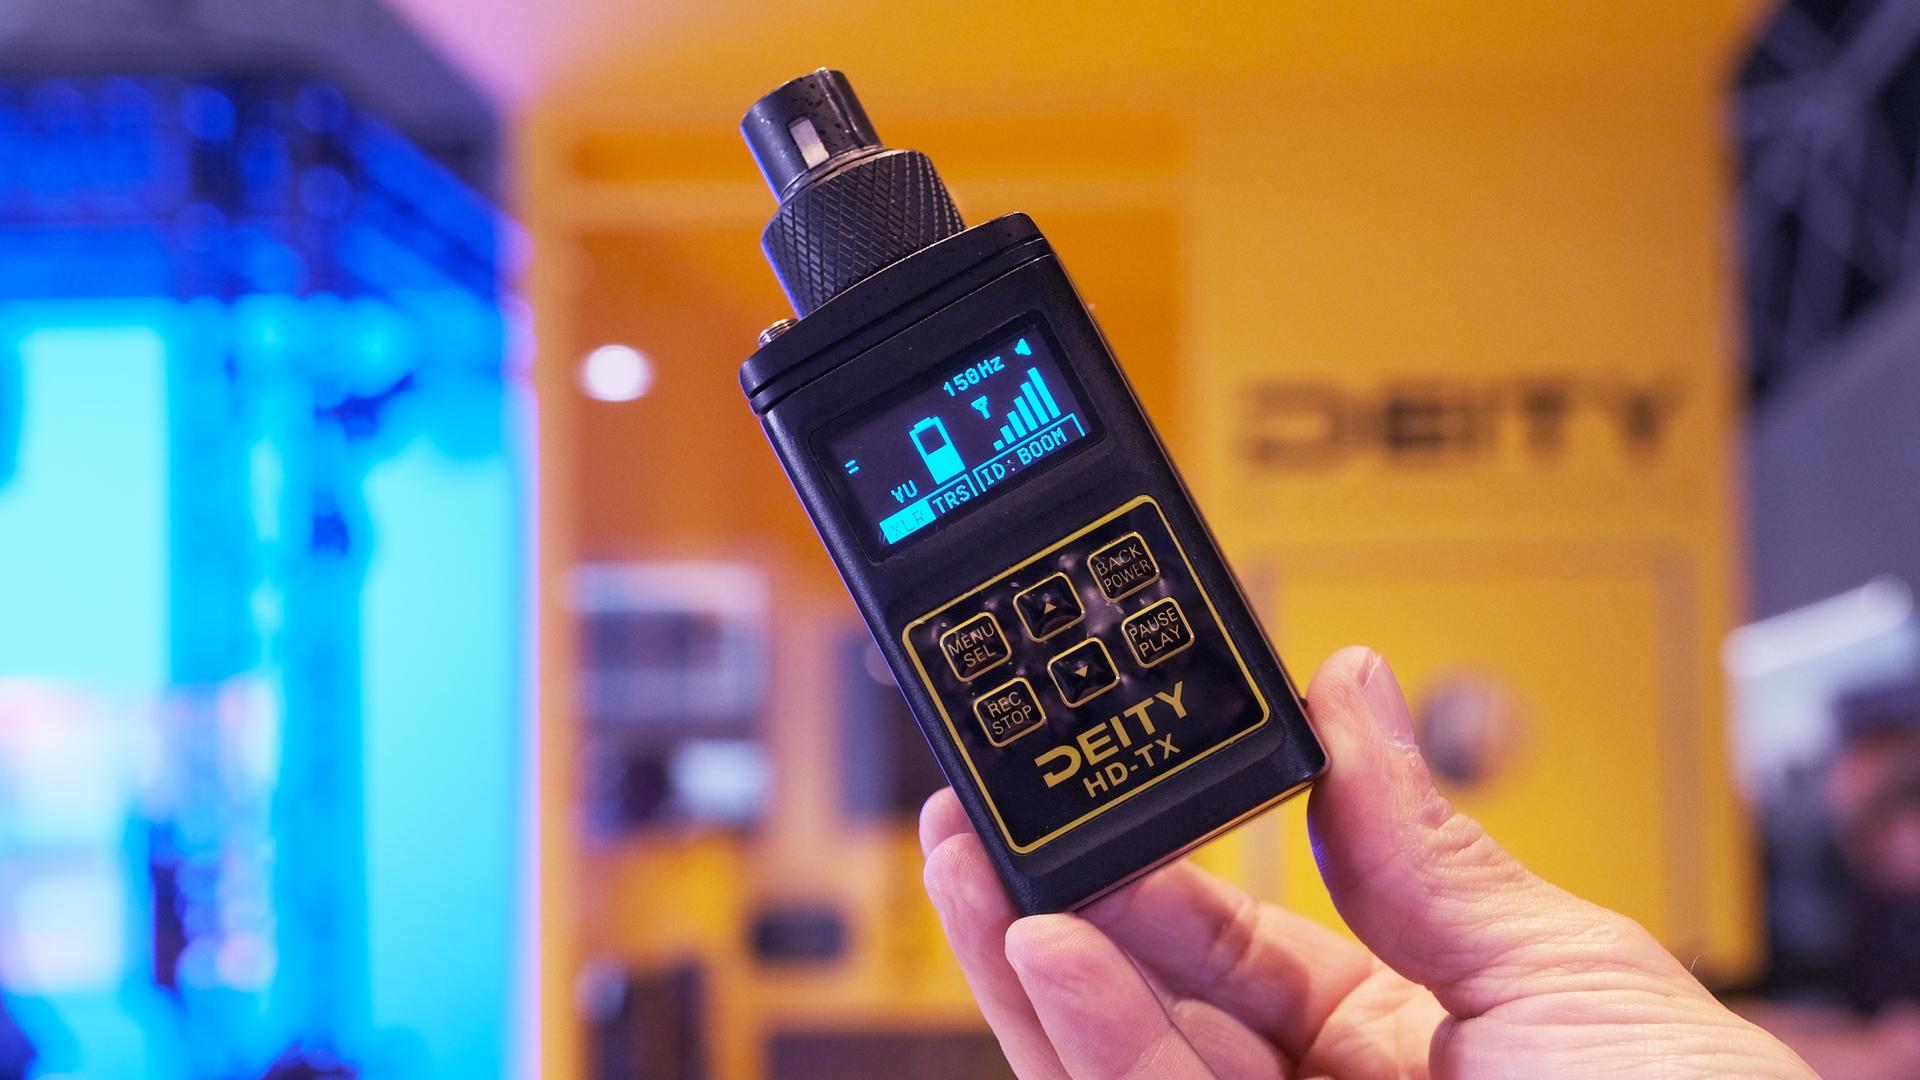 El Deity HD-TX combina grabación y transmisión de audio en un solo dispositivo